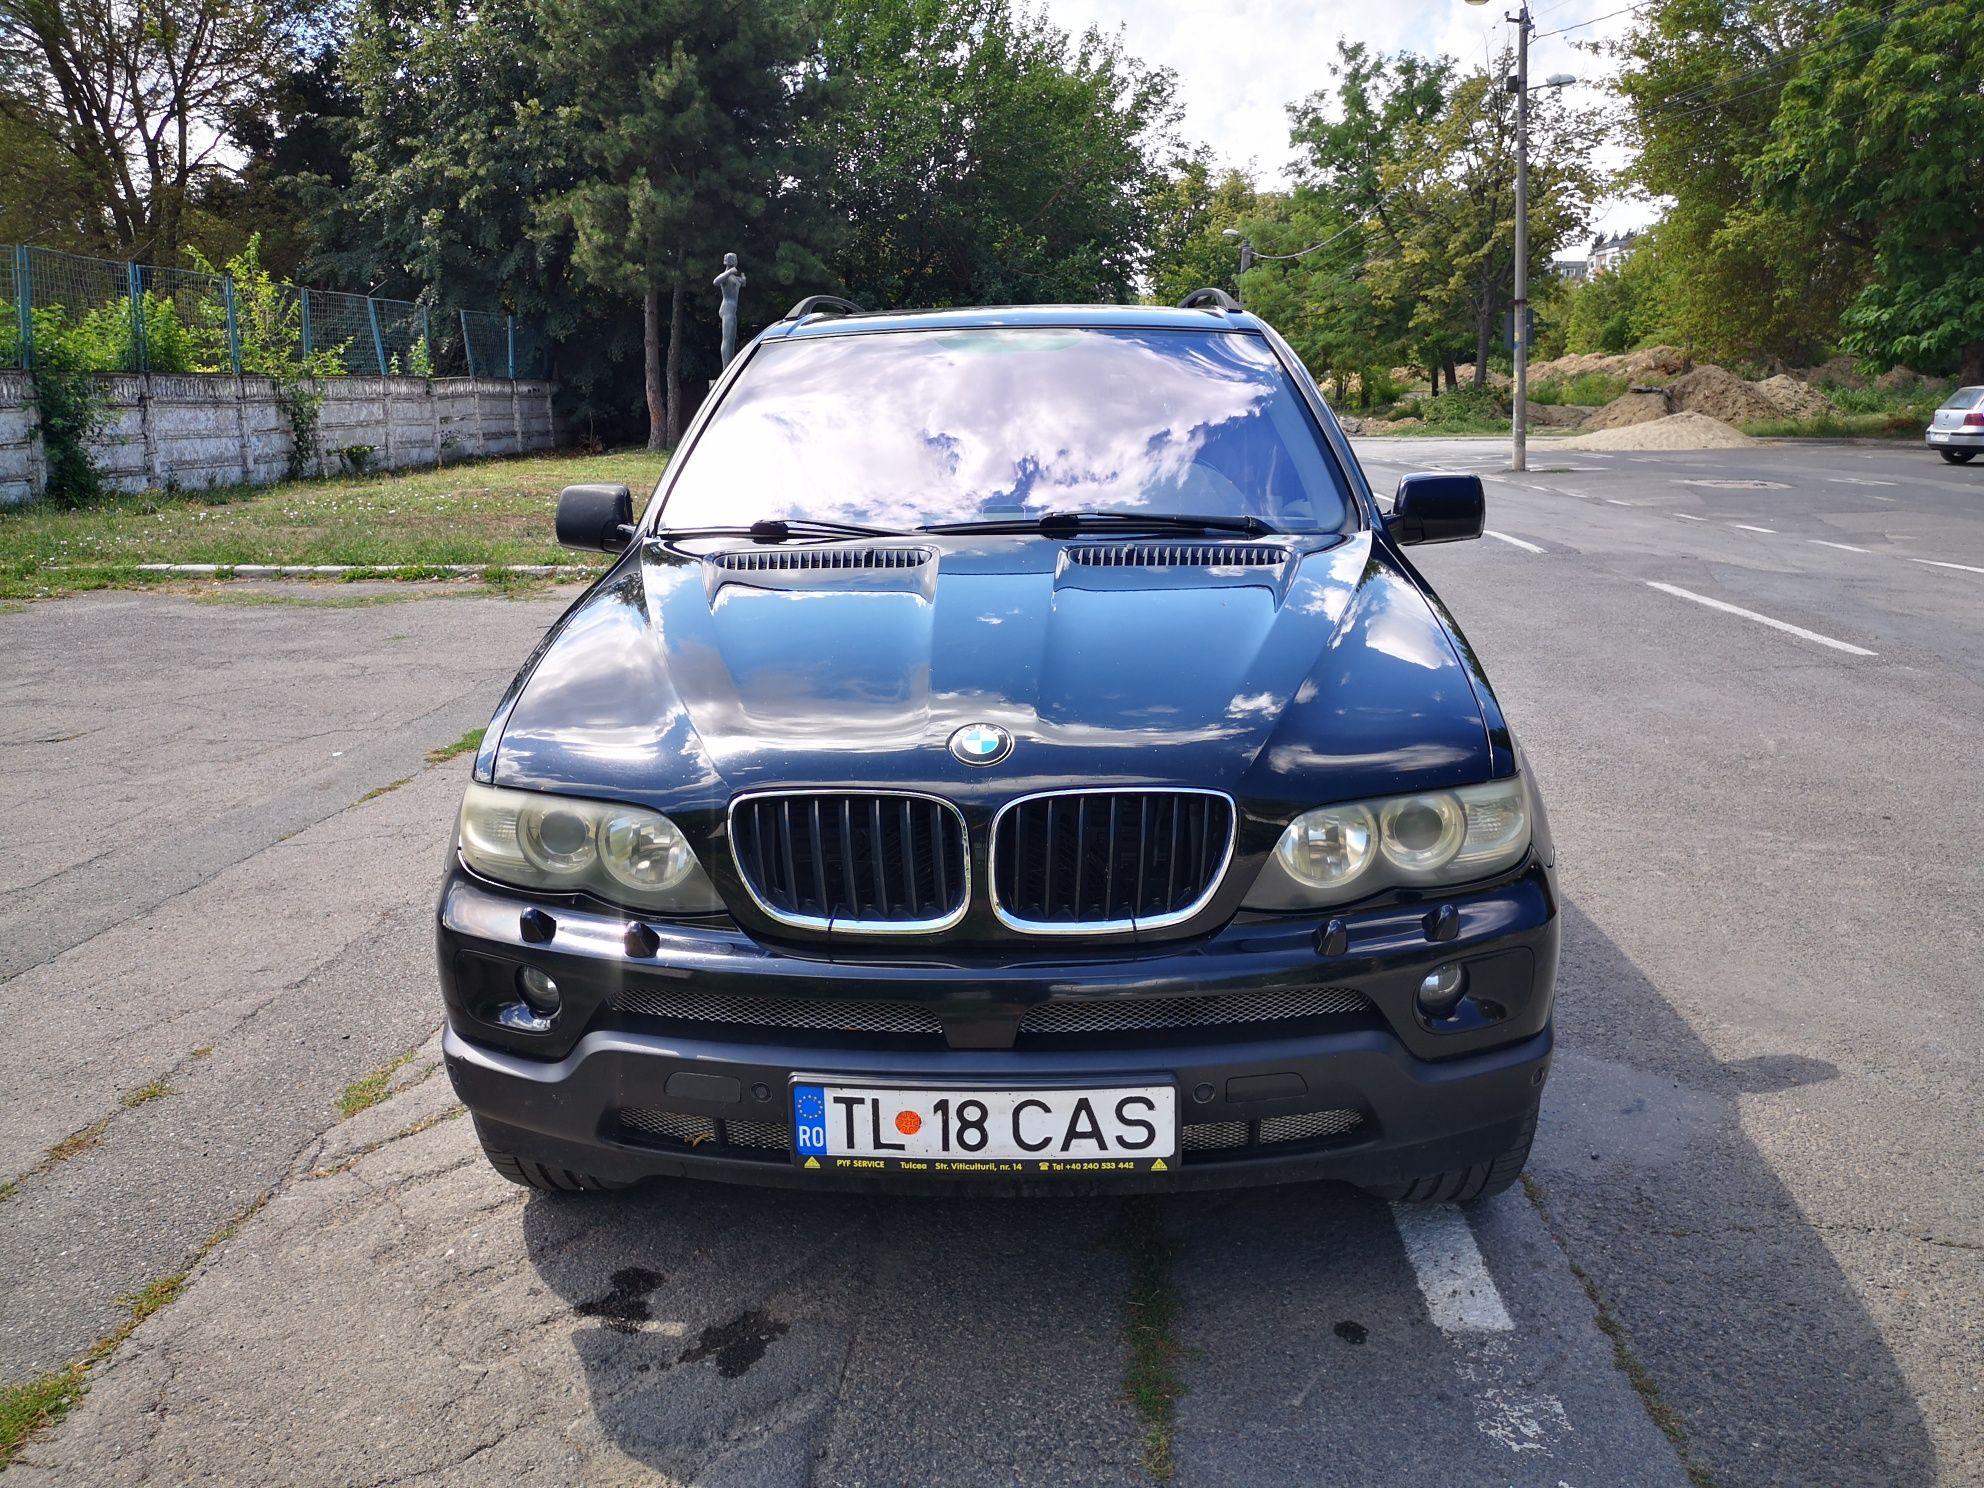 Vand BMW X5 an 2006